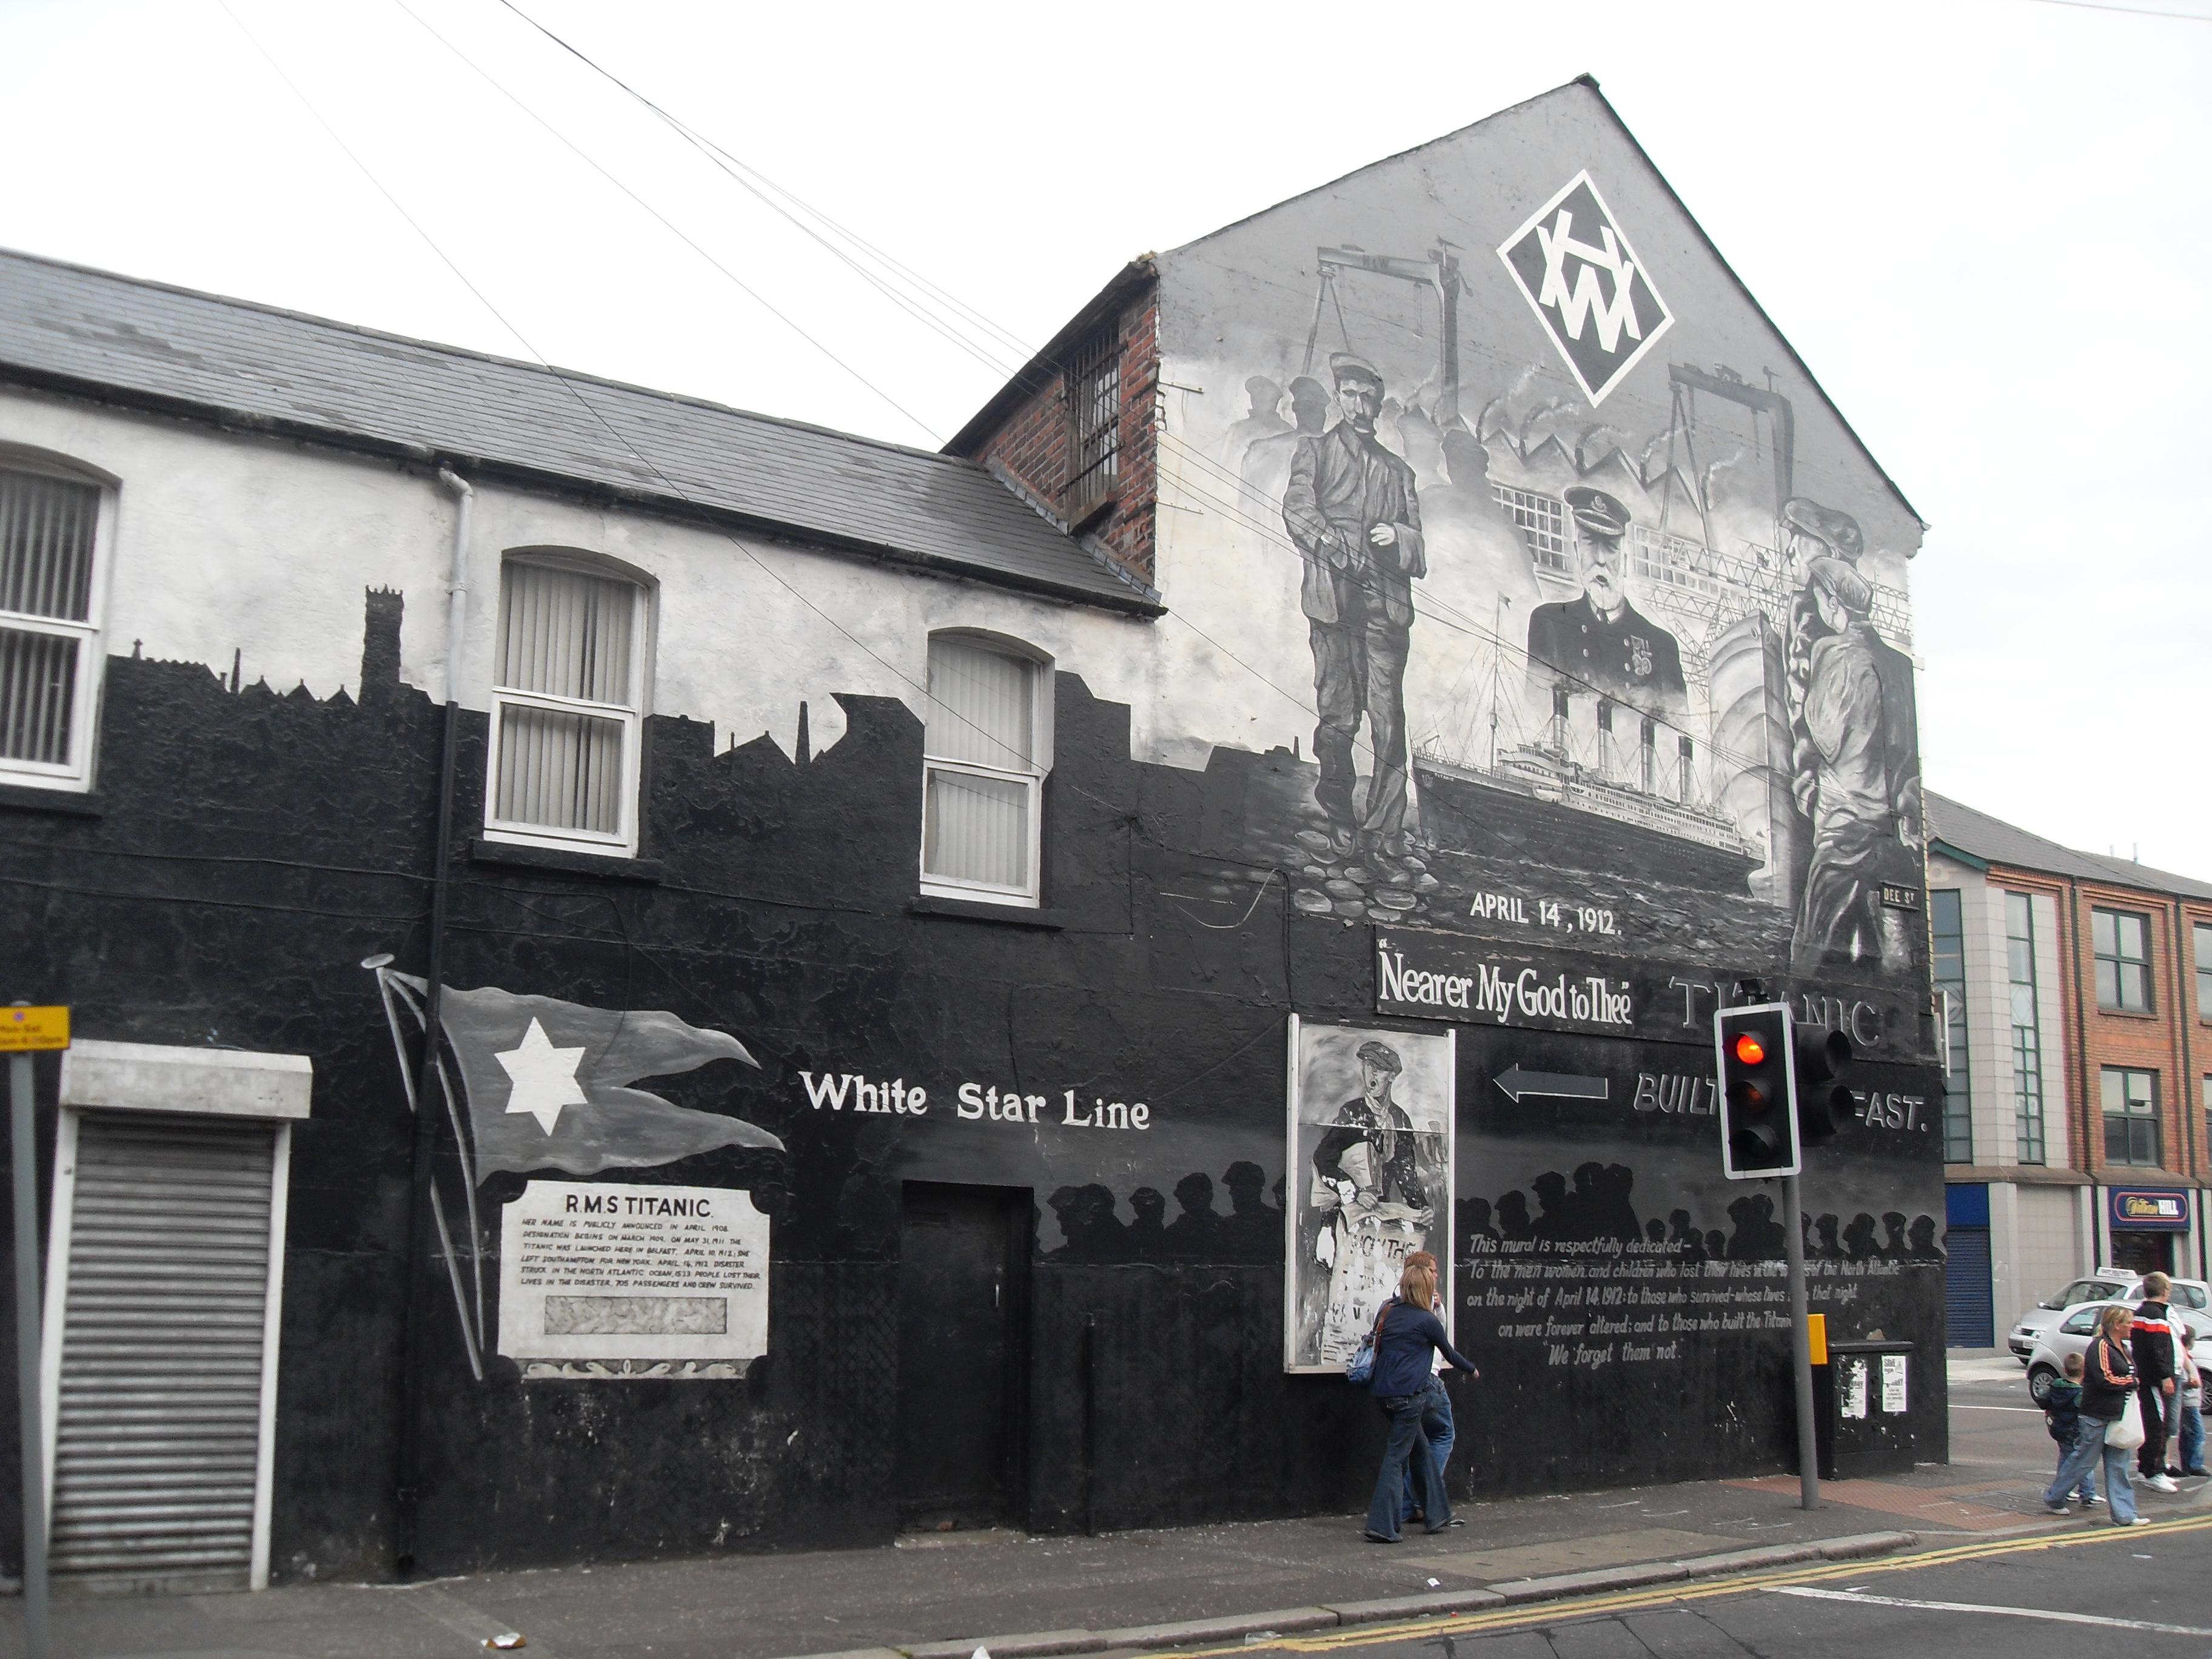 FileWhite Star Line Mural